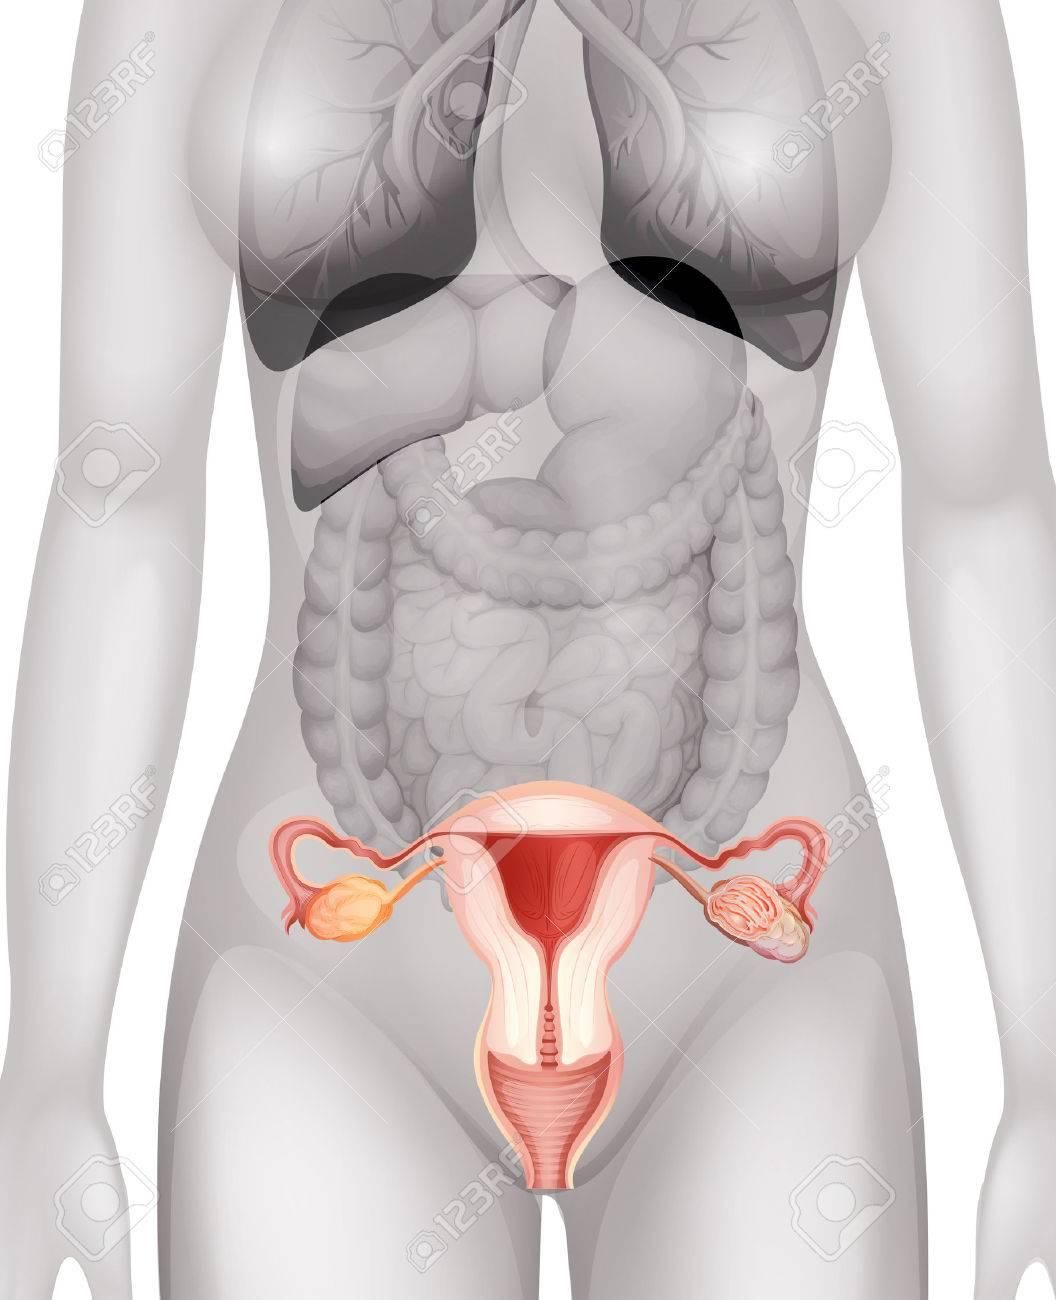 Los Genitales Femeninos En La Ilustración Cuerpo Humano ...